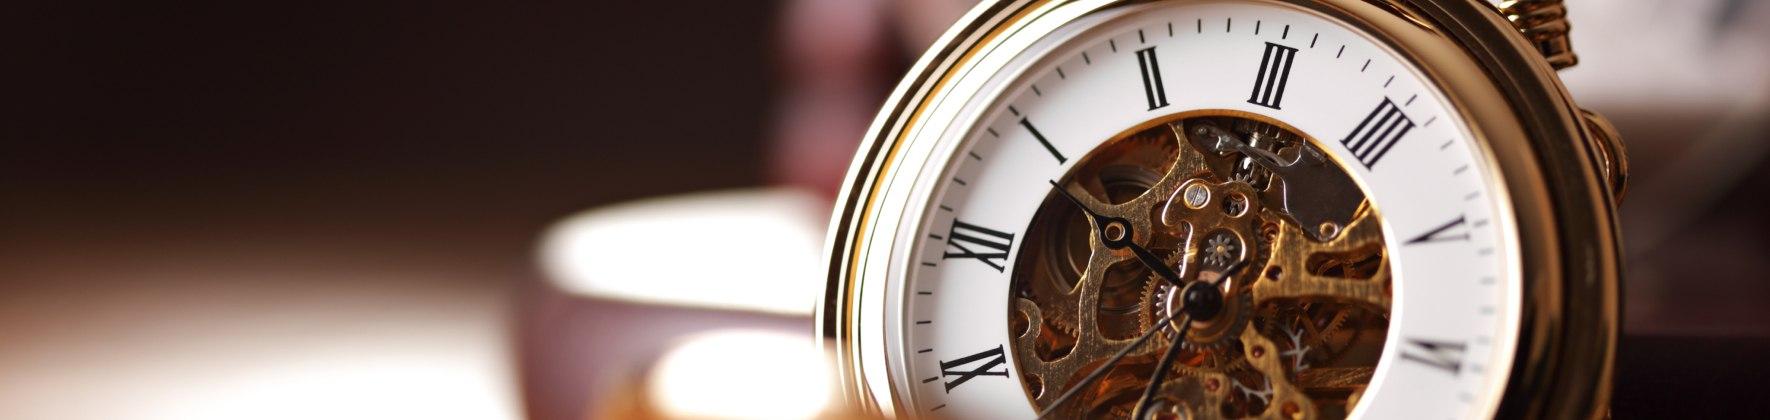 Скупка швейцарских часов в Москве дорого